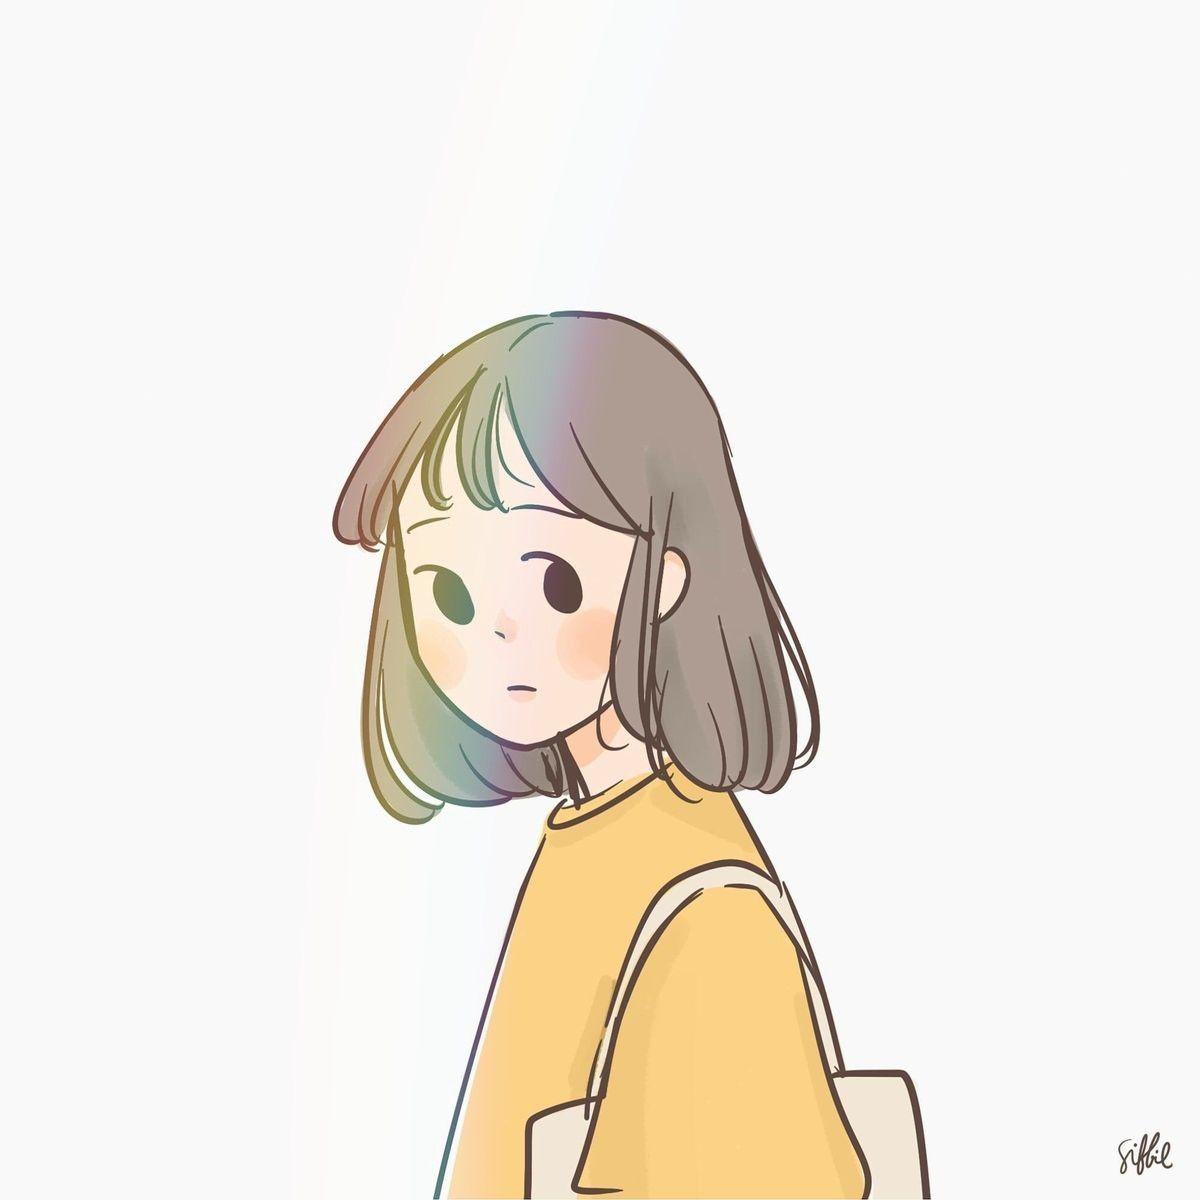 Rainbow Cartoon Art Styles Cute Art Princess Drawings